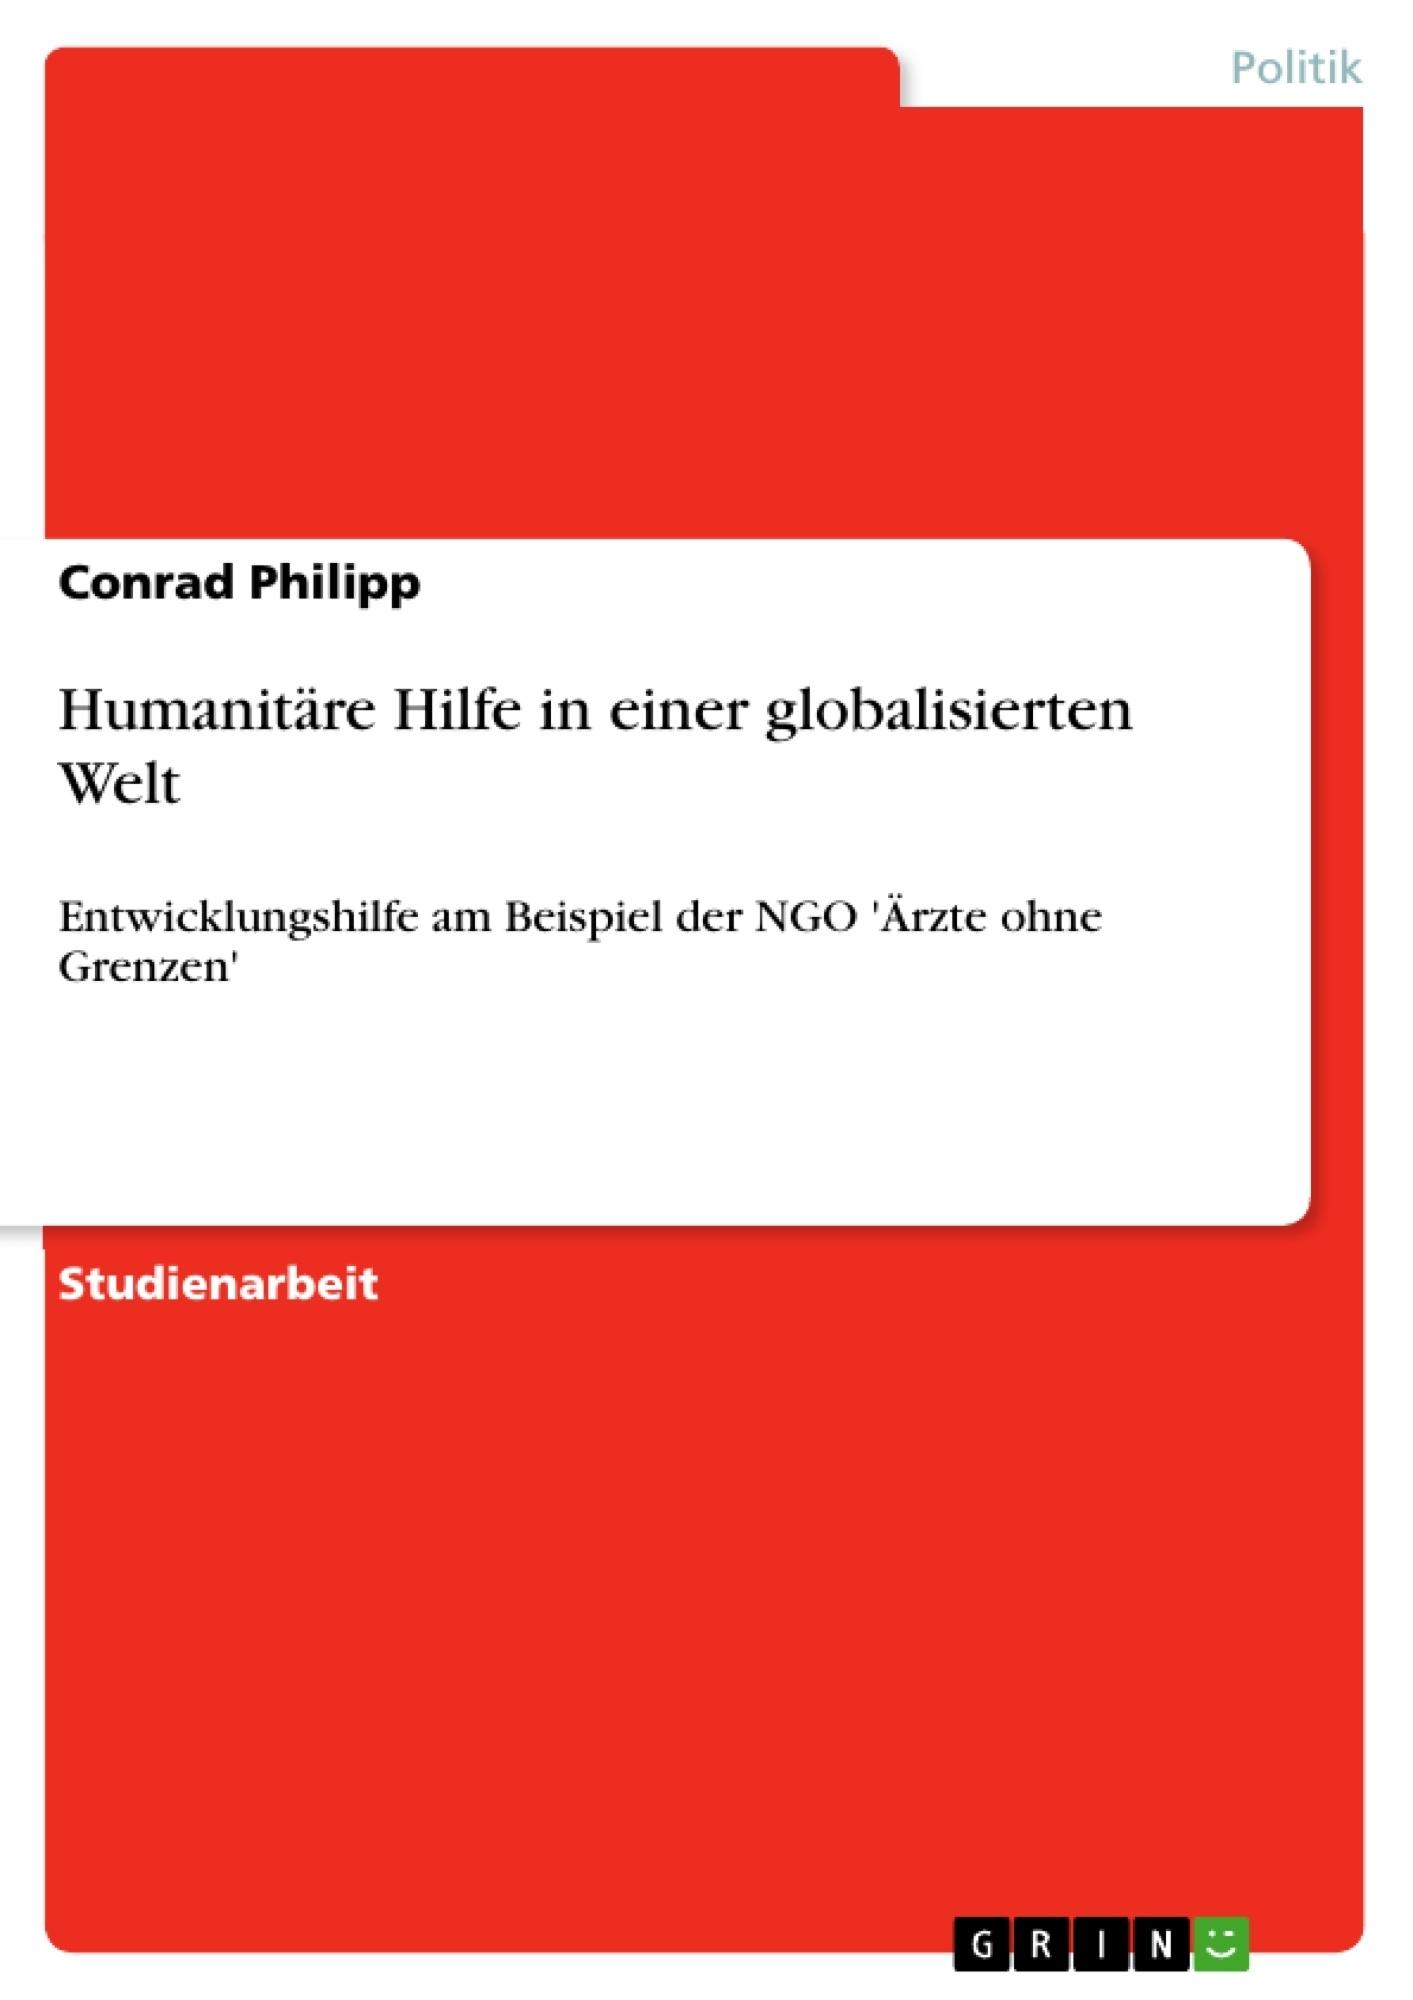 Titel: Humanitäre Hilfe in einer globalisierten Welt